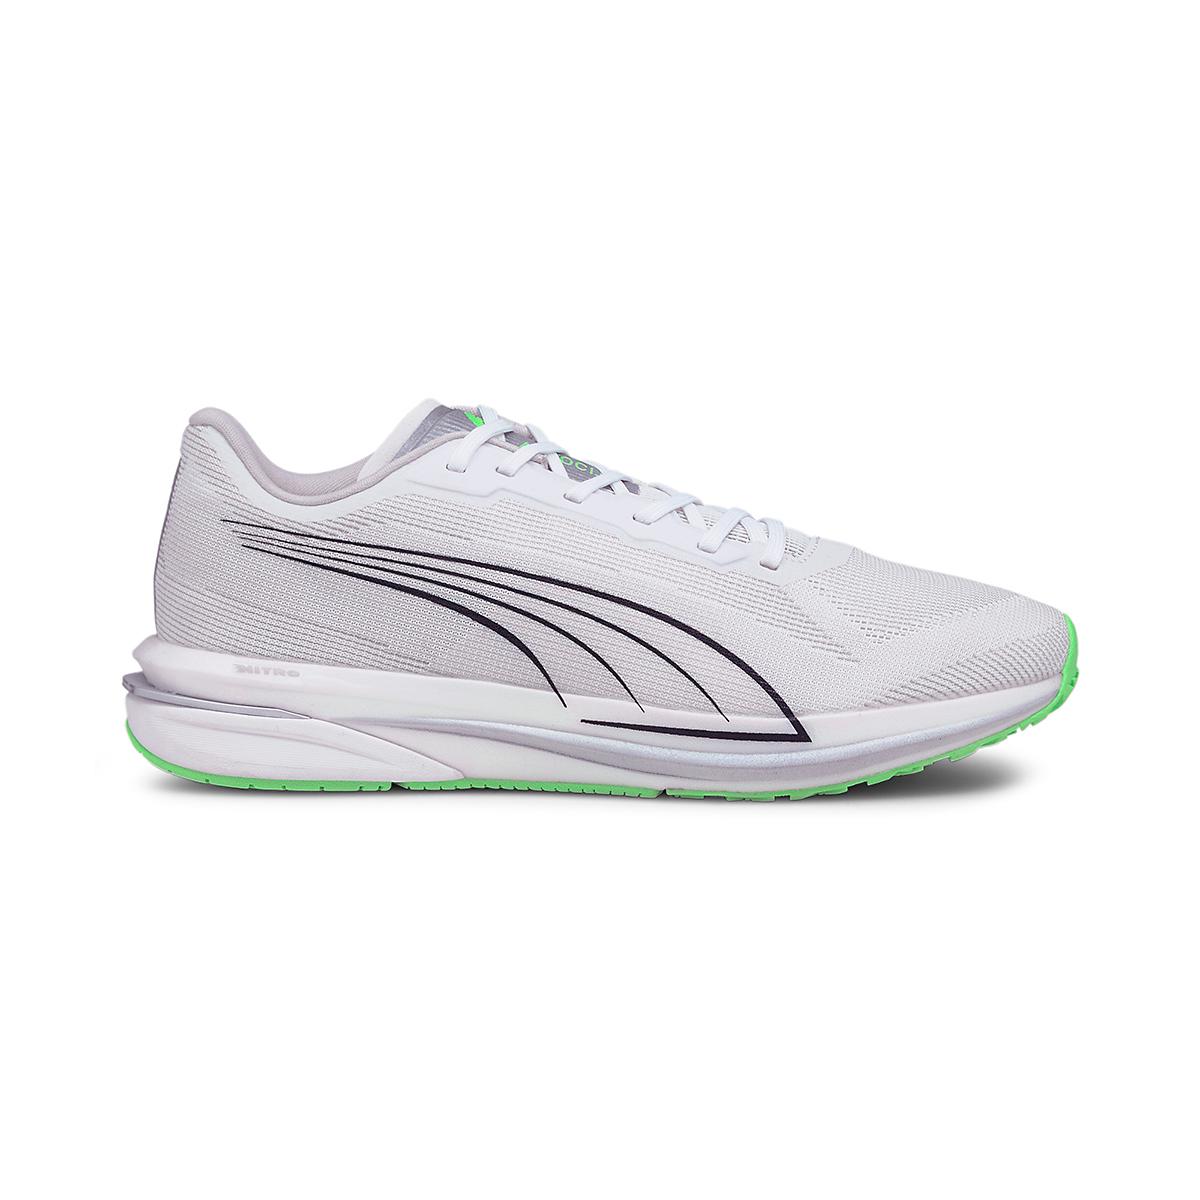 Men's Puma Velocity Nitro COOLadapt Running Shoe - Color: Puma White - Size: 7 - Width: Regular, Puma White, large, image 1